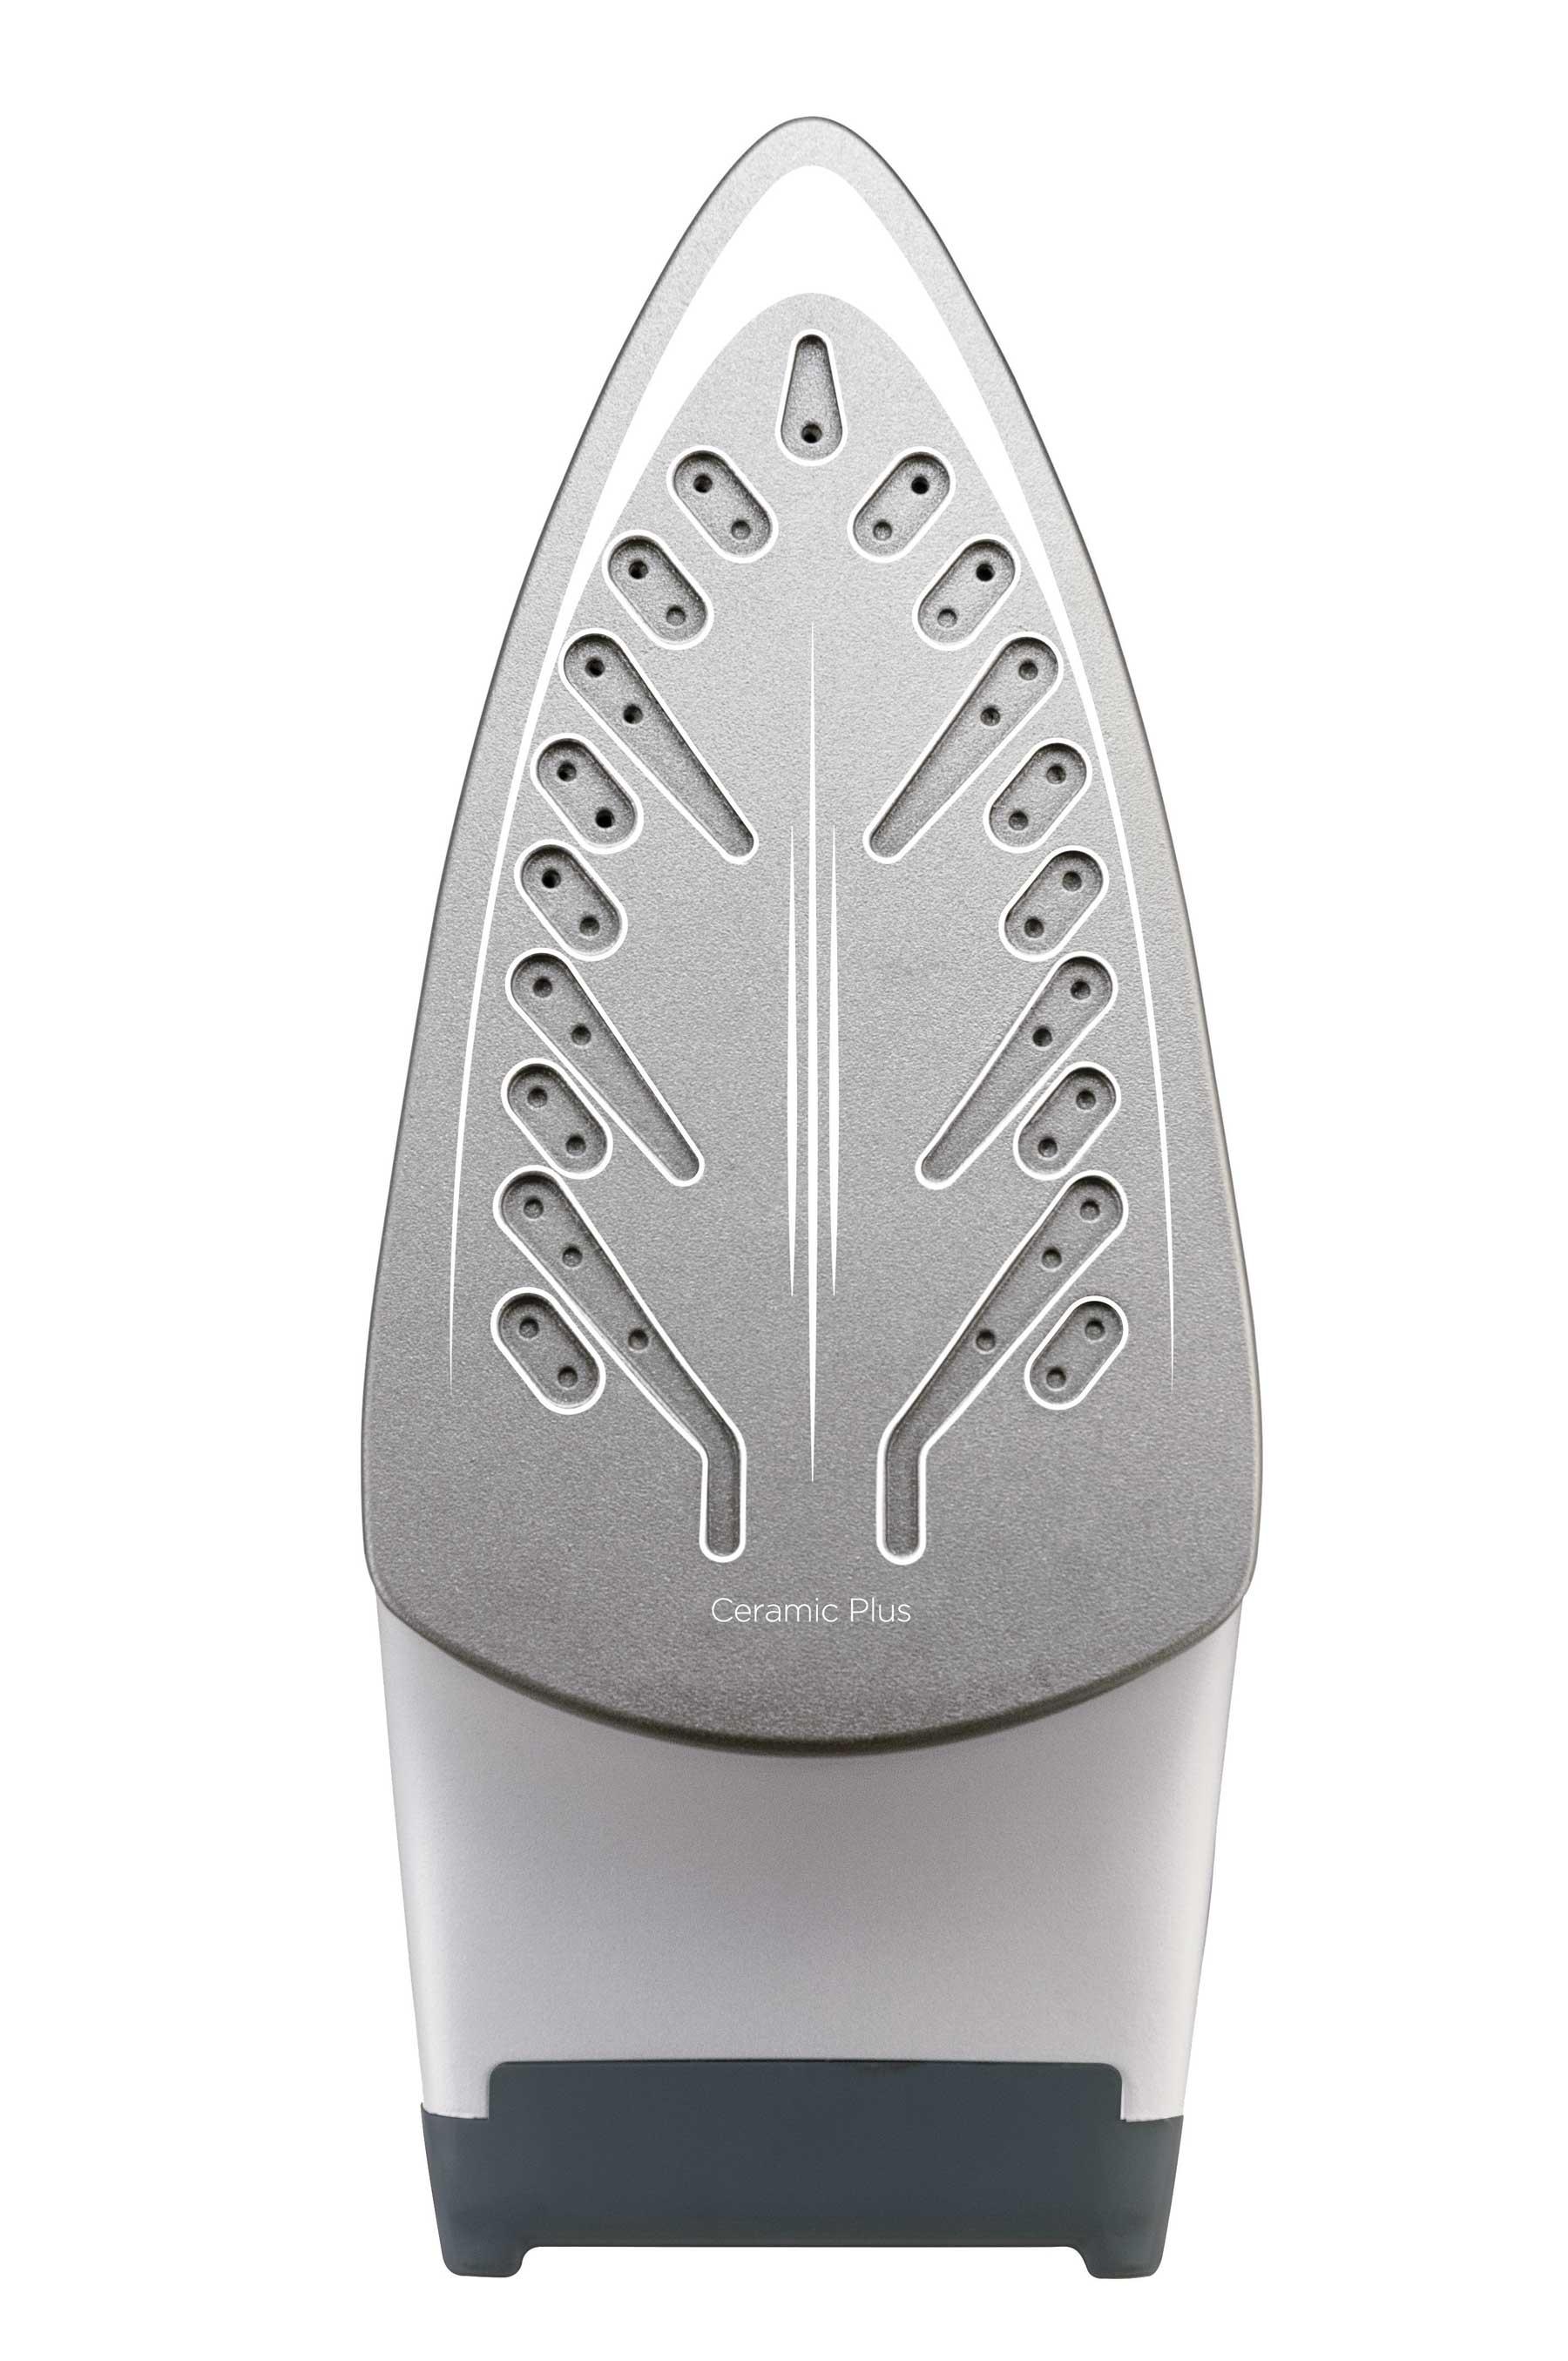 Ferro à Vapor Black and Decker X6000 com Base Ceramic Plus - 220 V